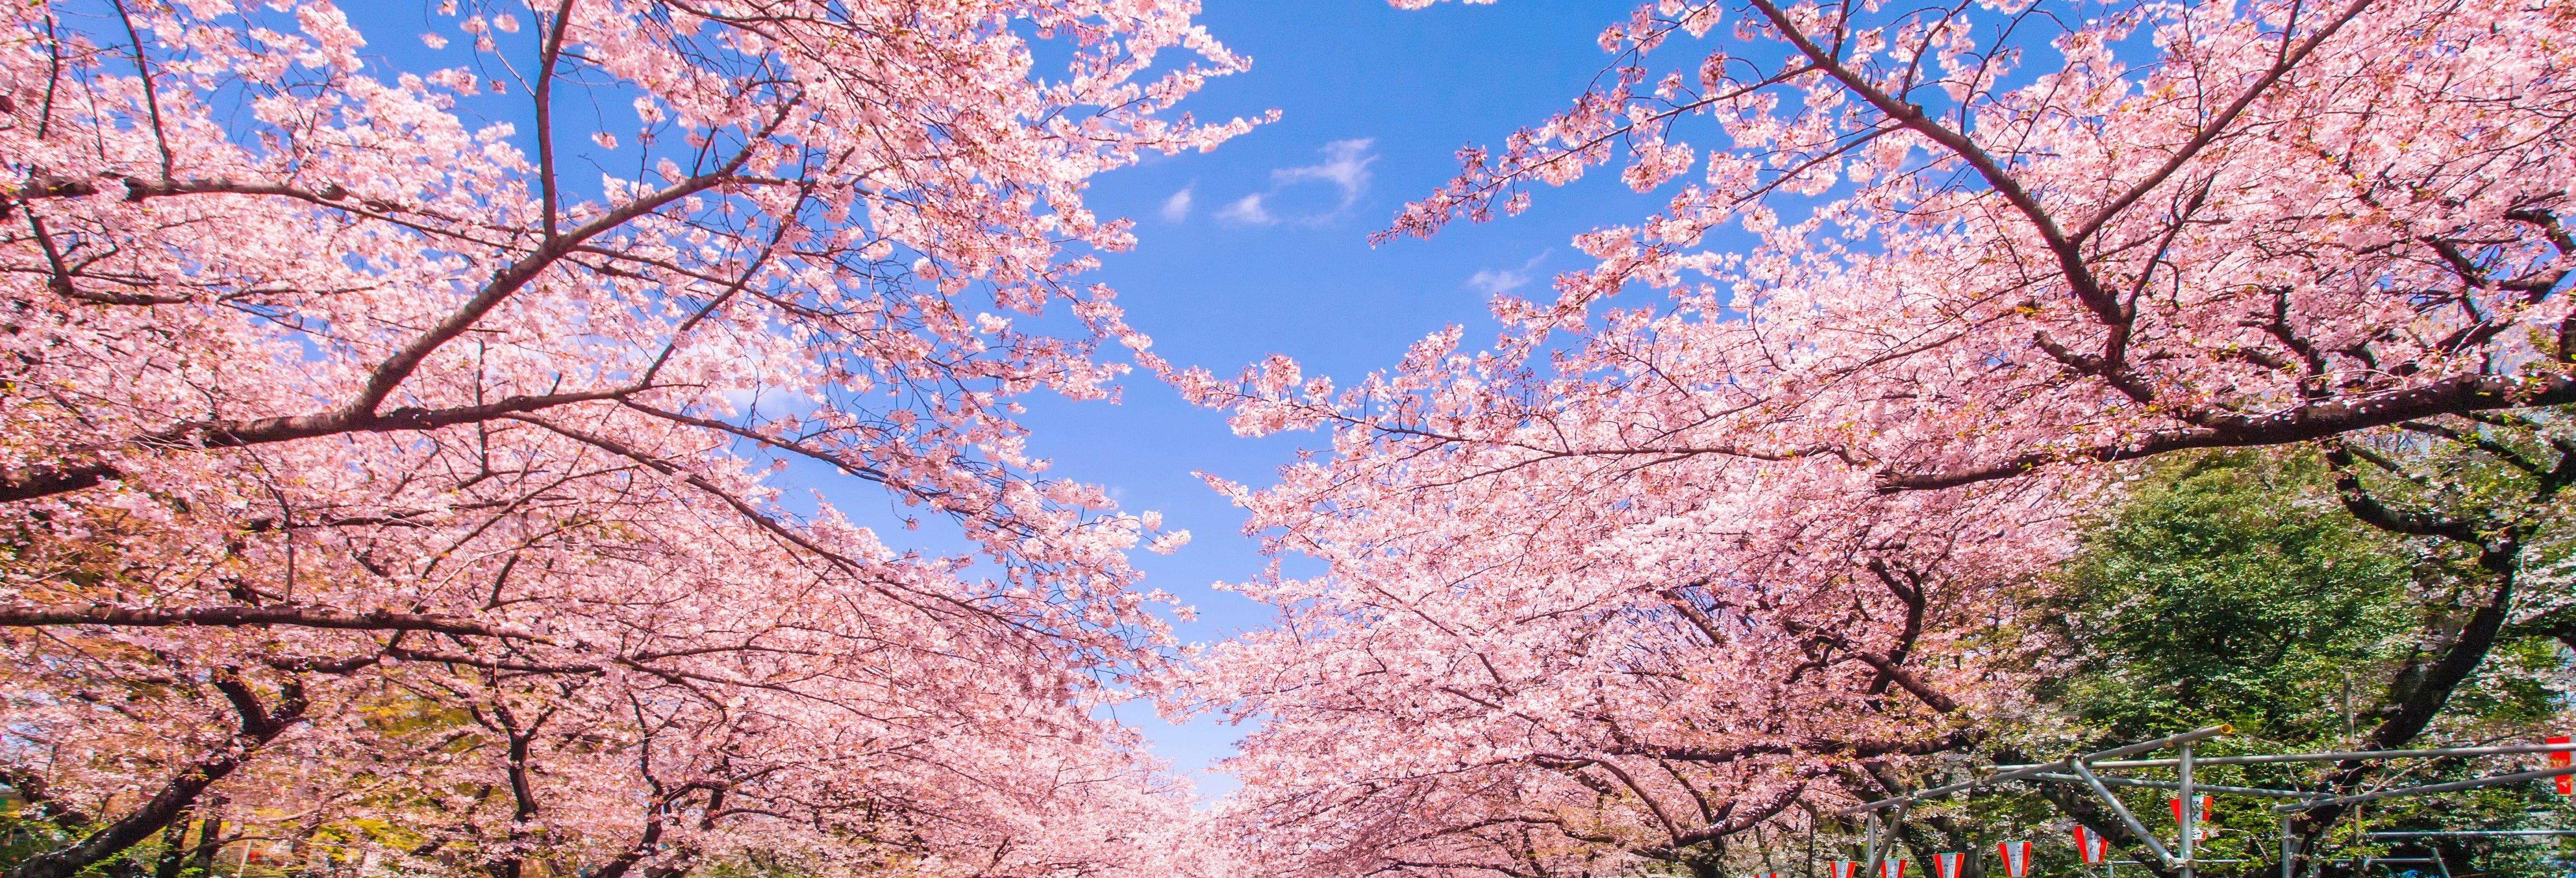 Cerejeiras em flor + Passeio de barco pelo rio Sumida